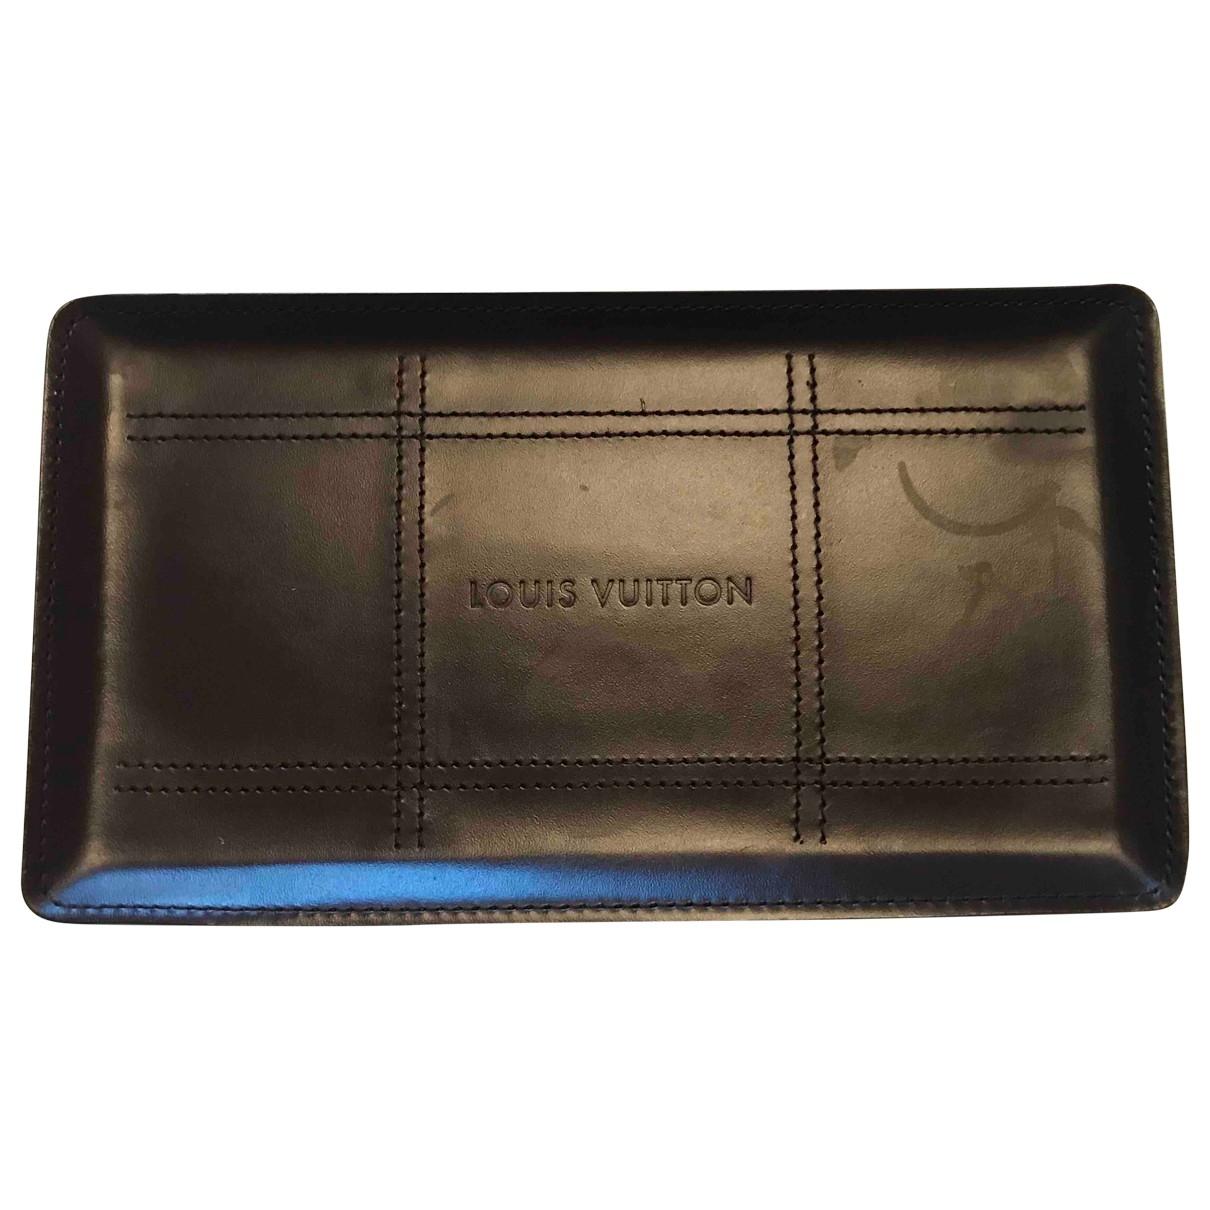 Louis Vuitton \N Accessoires und Dekoration in  Braun Leder